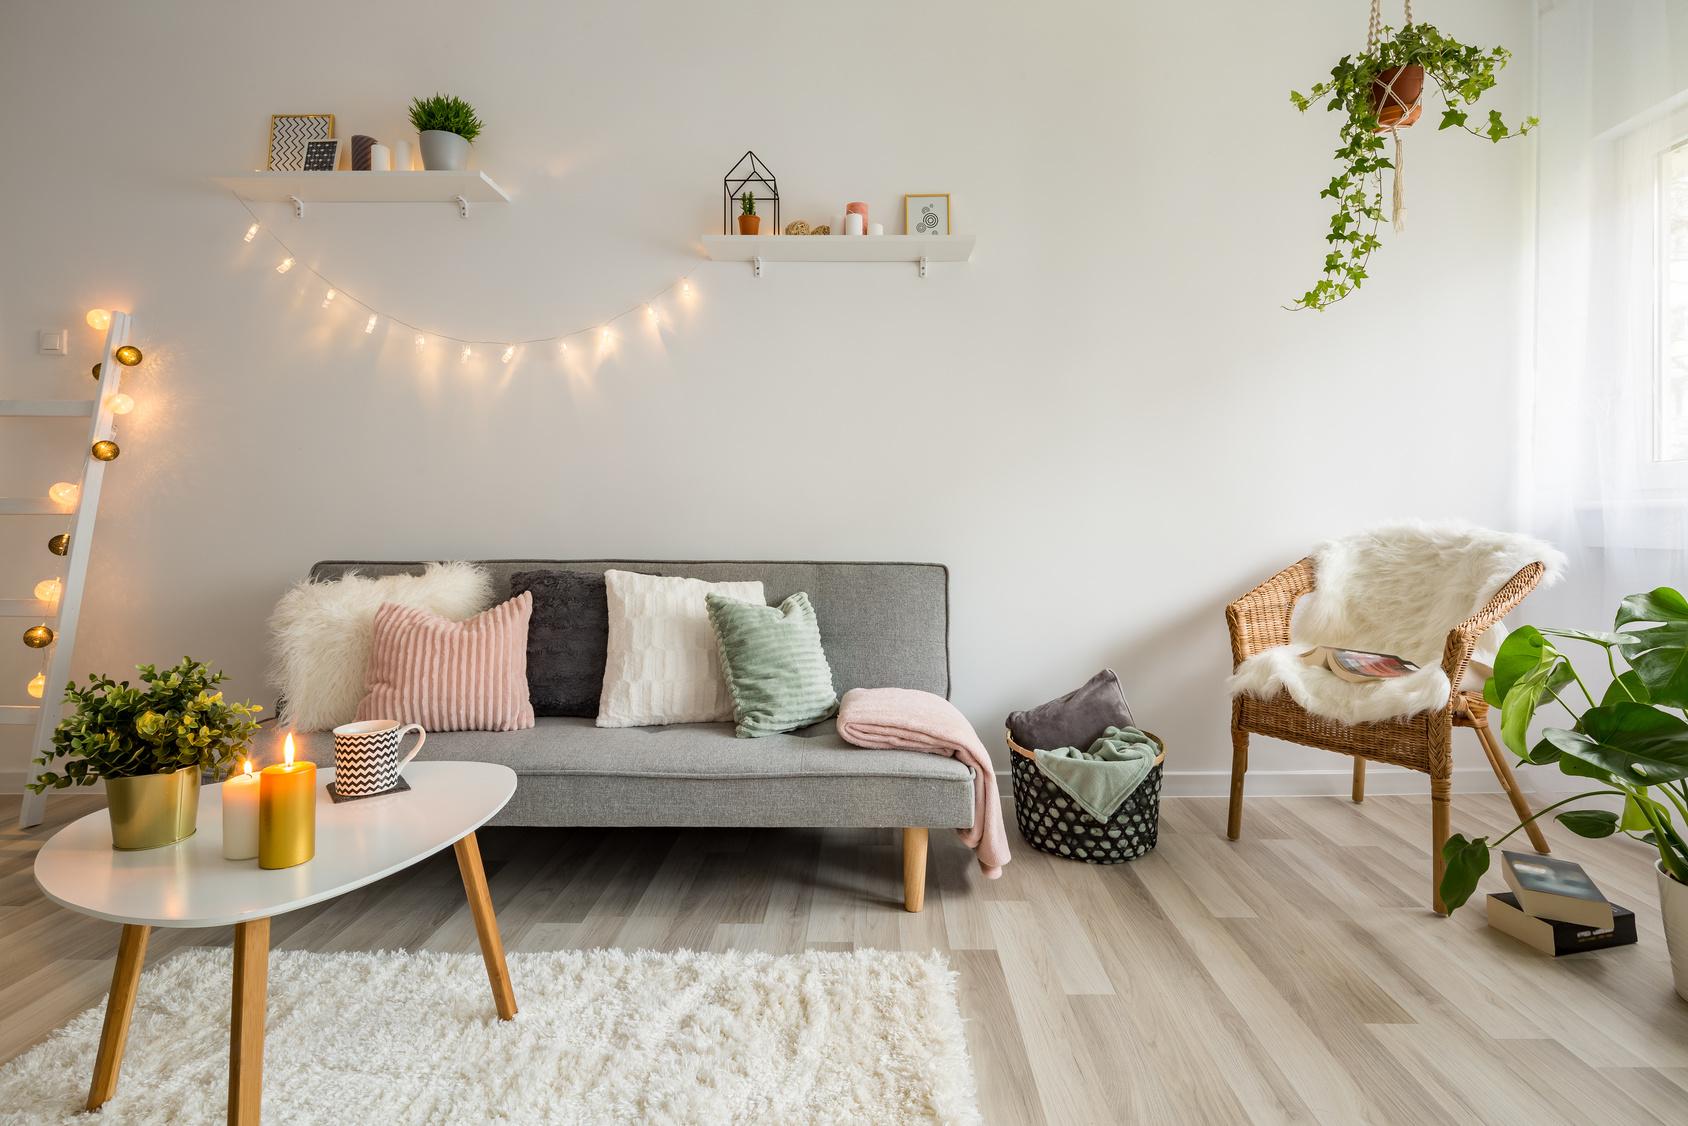 Style Scandinave Un Interieur Simple Pour Se Sentir Bien